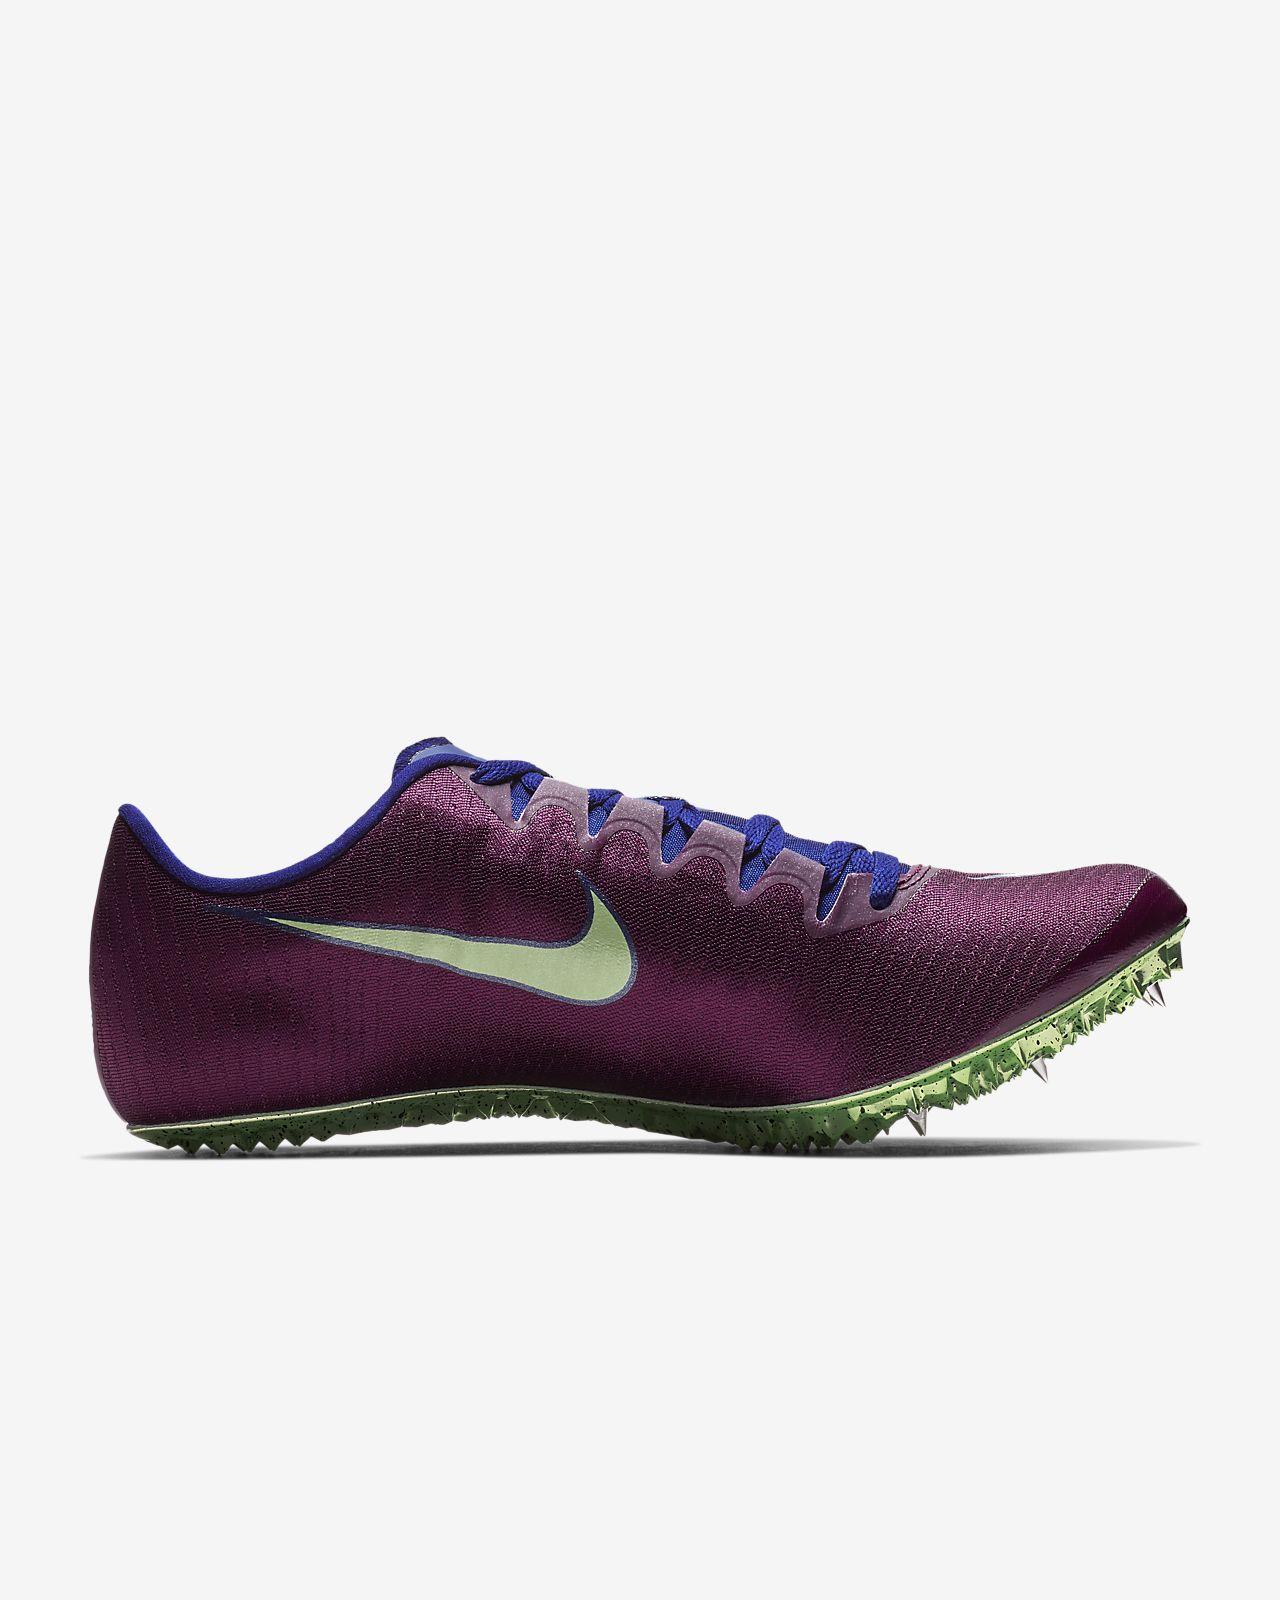 new styles 59960 04643 Tävlingsspiksko. Nike Superfly Elite